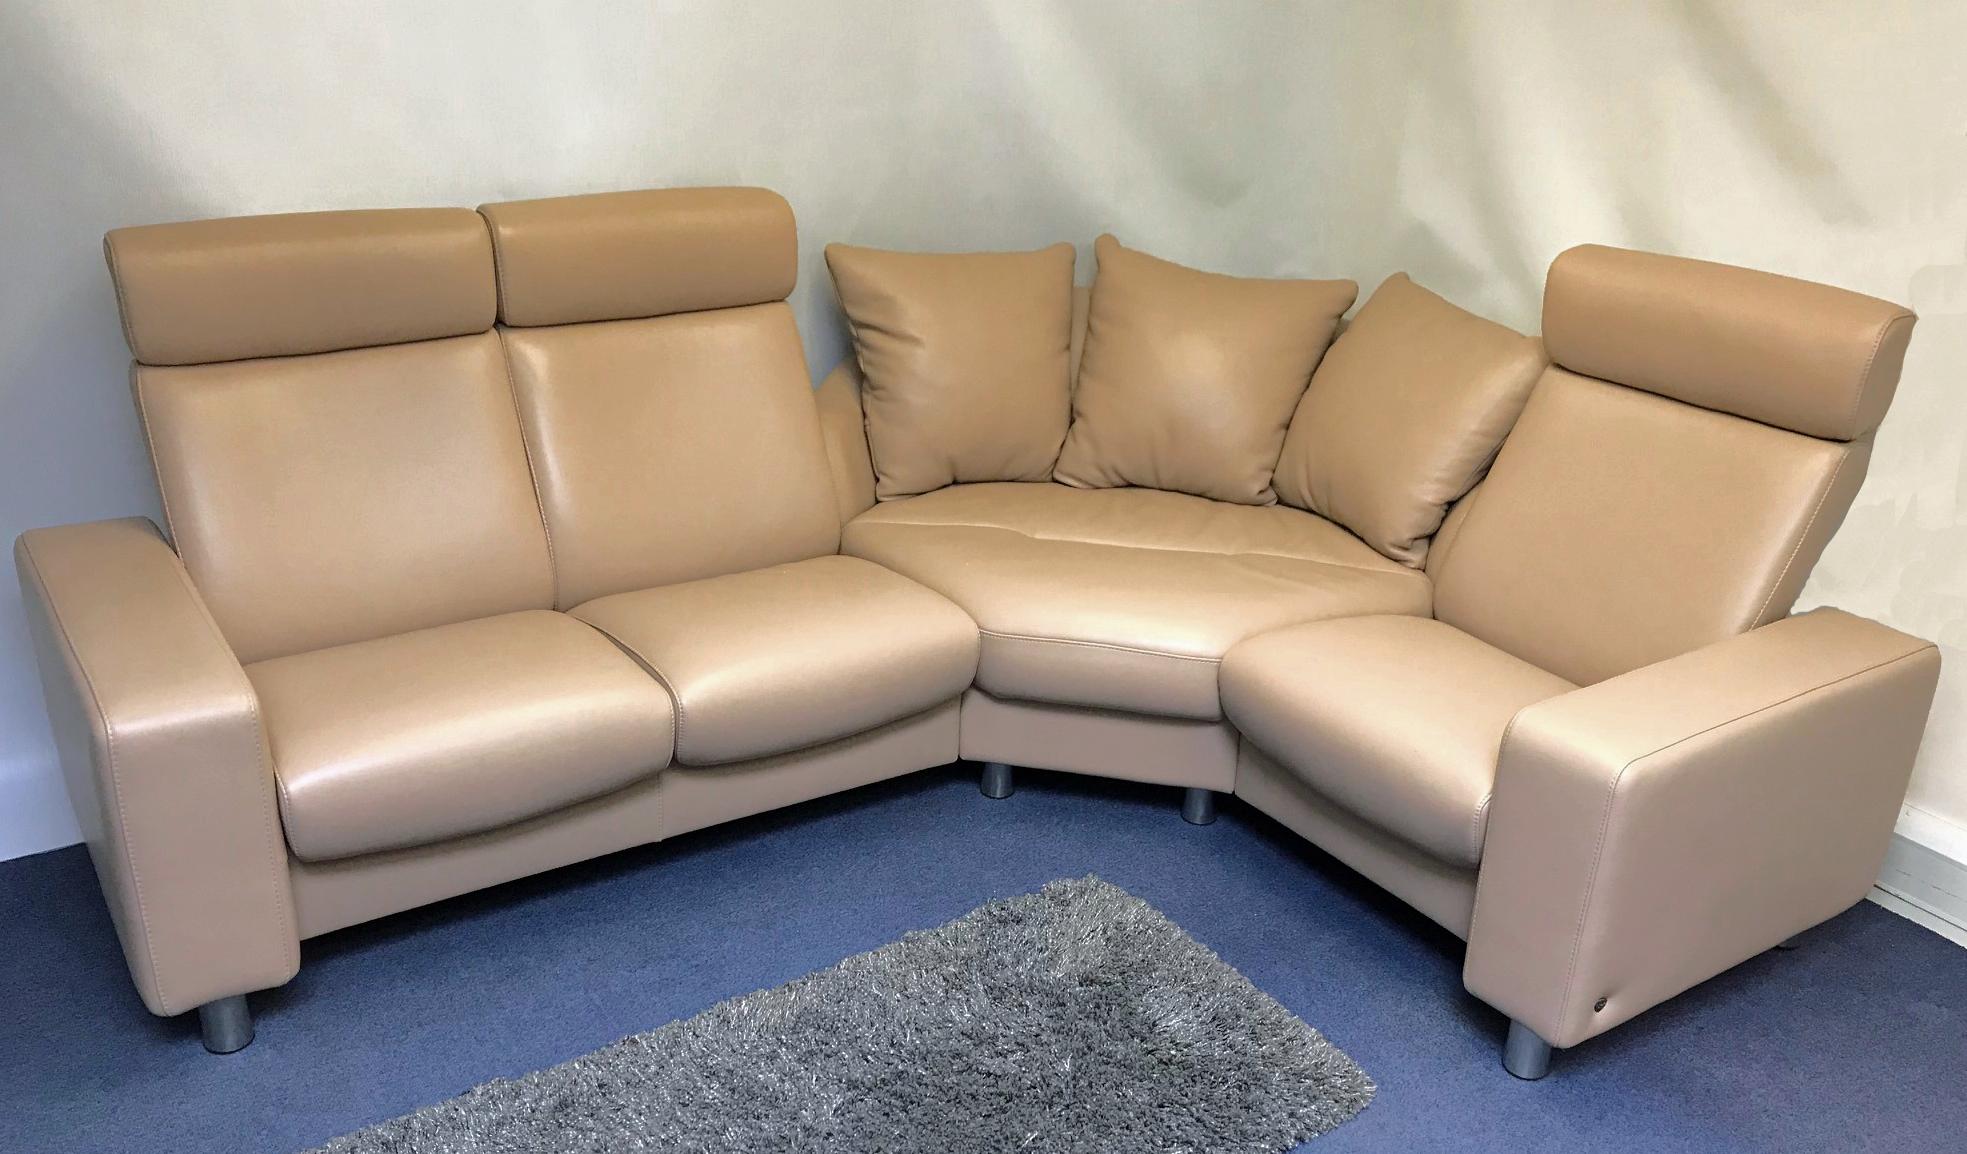 Stressless Arion High Back Corner Sofa